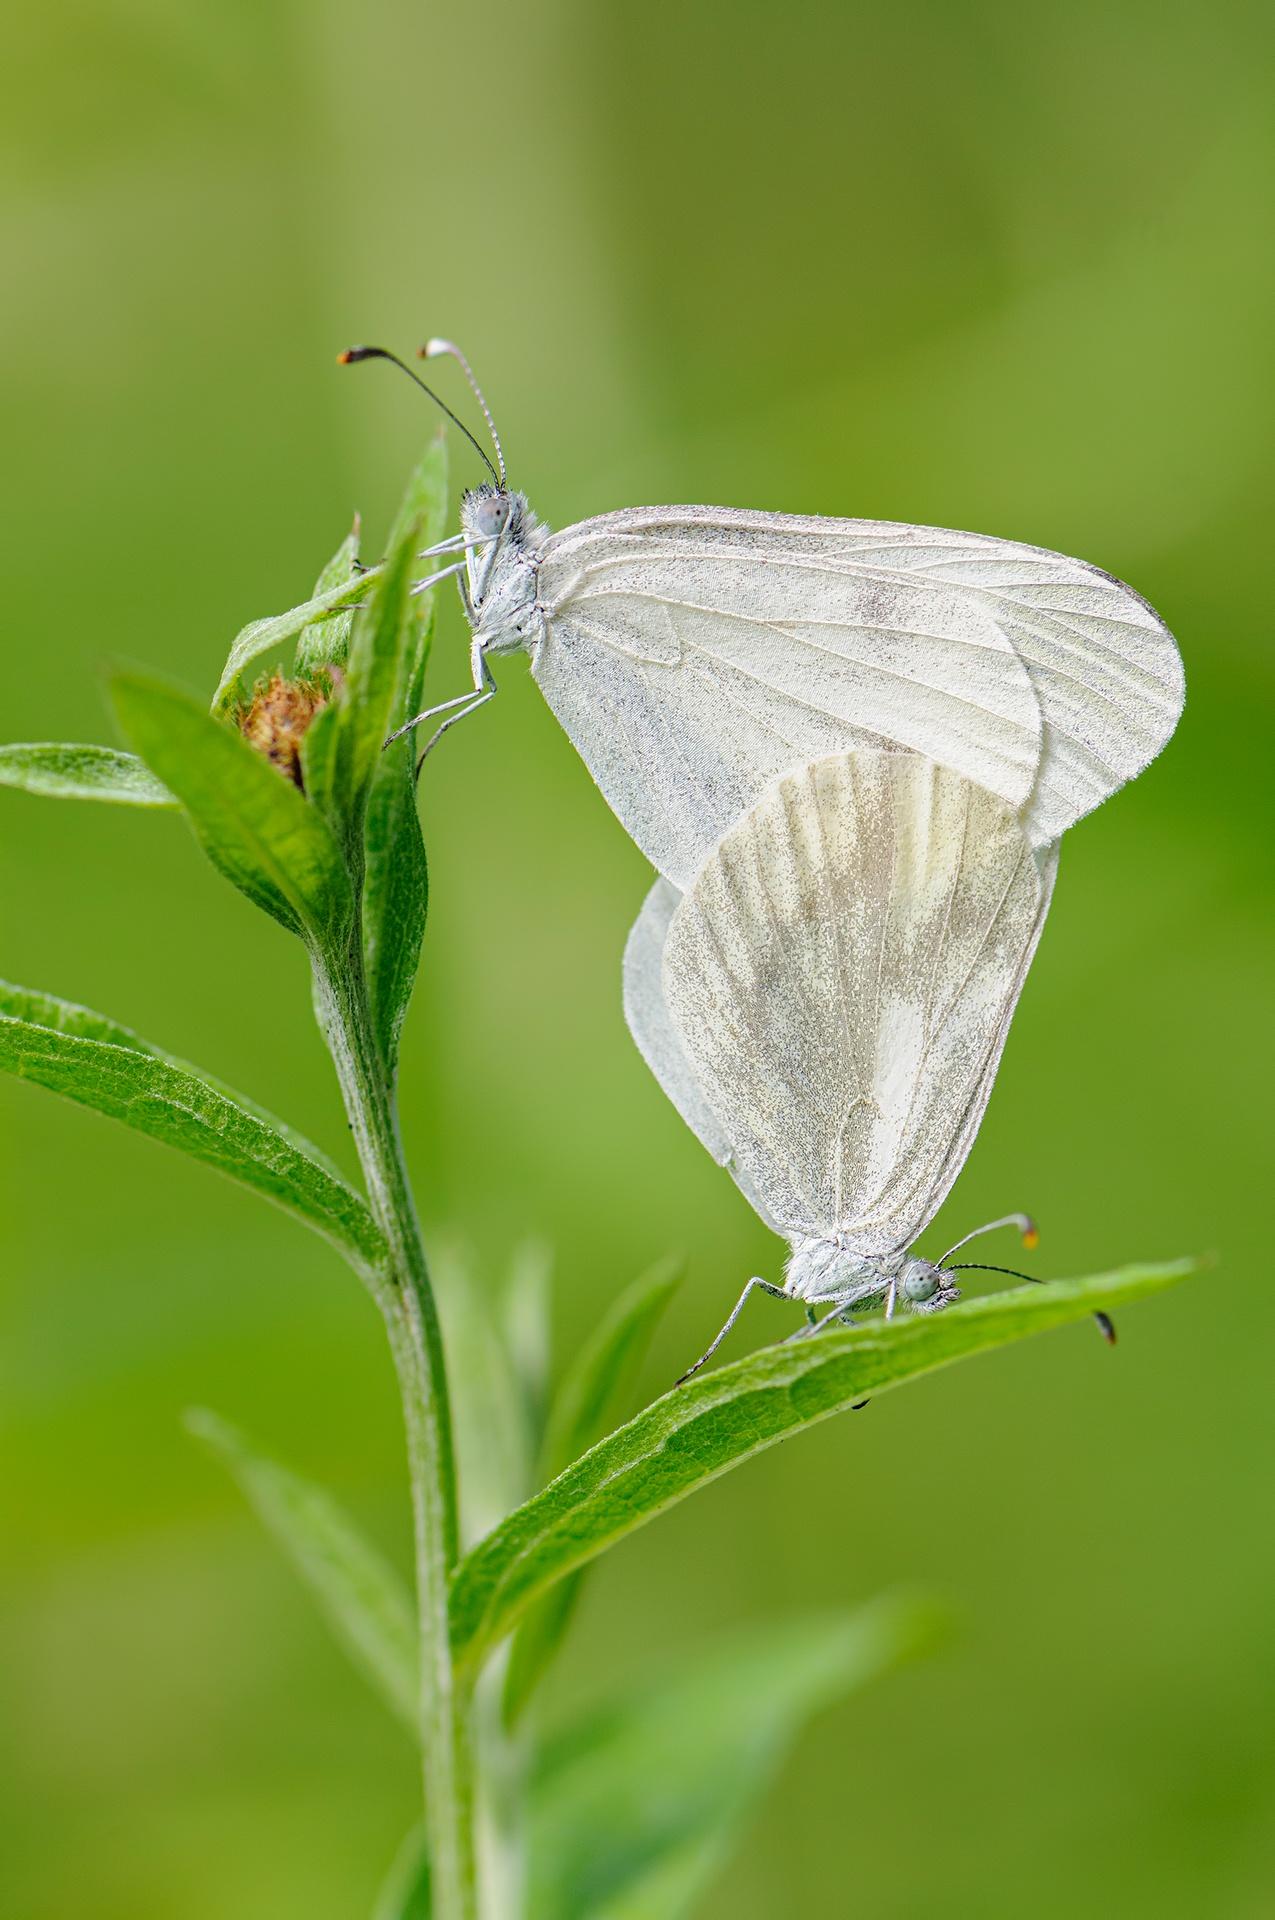 Gaspar Guerra De la Huerga-Mariposas - 2020 - AFONAS, Asociación de Fotografos de Naturaleza de Asturias